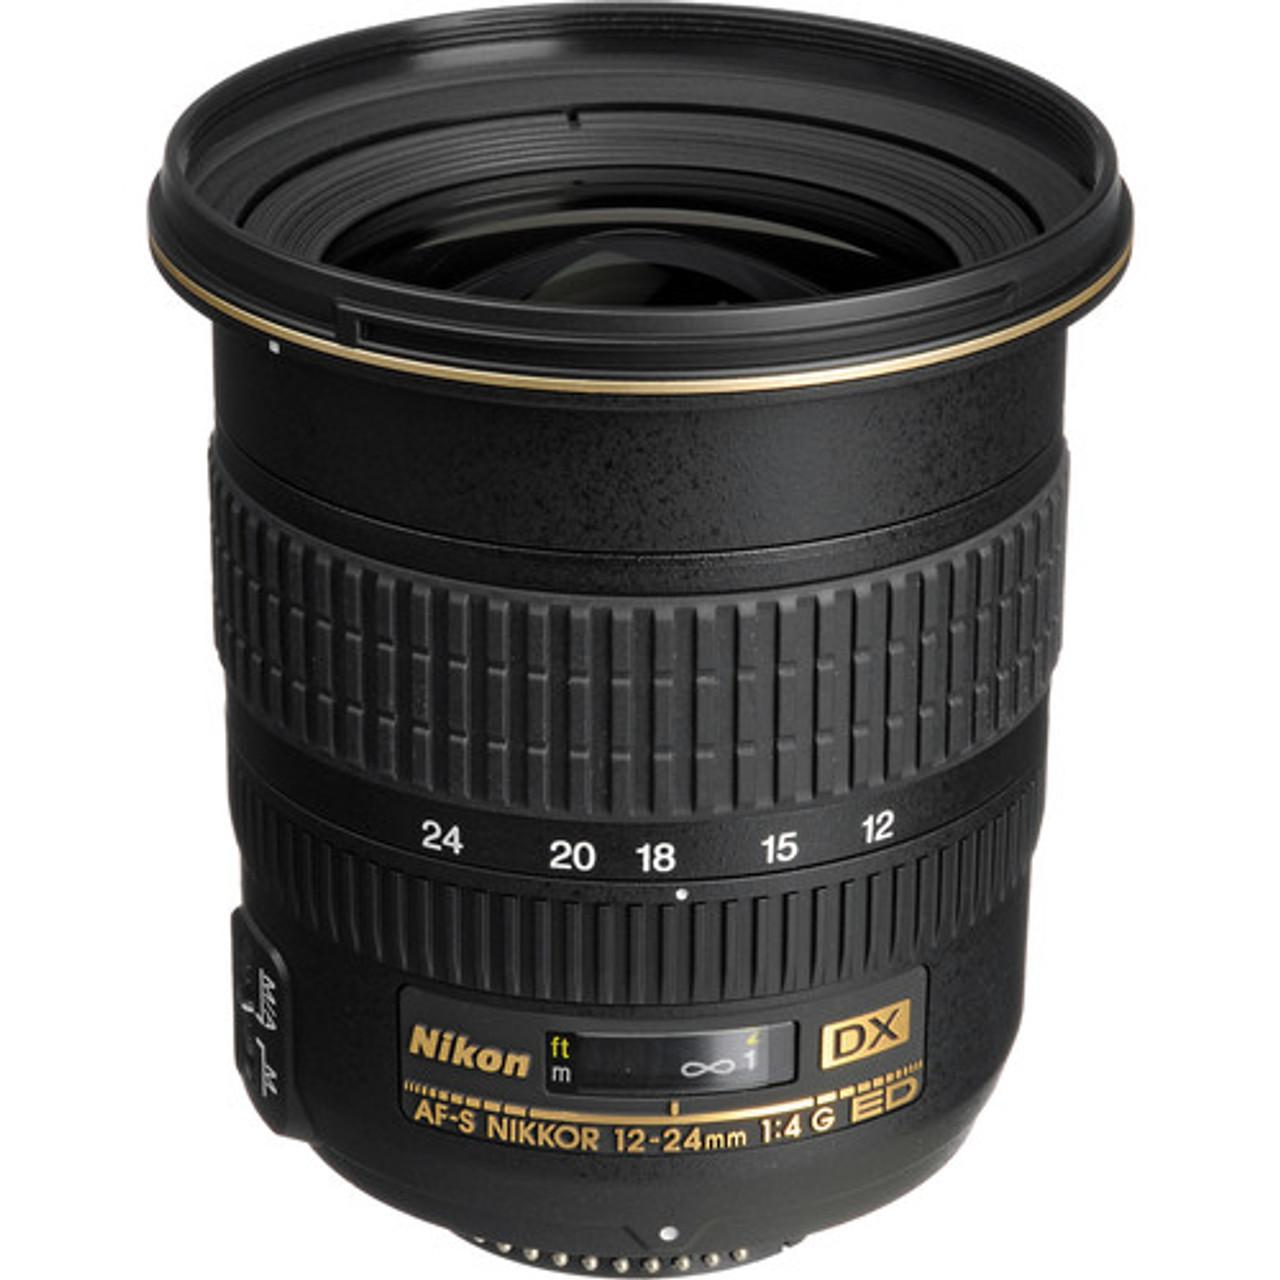 Nikon AF-S DX 12-24mm f/4G IF-ED Lens